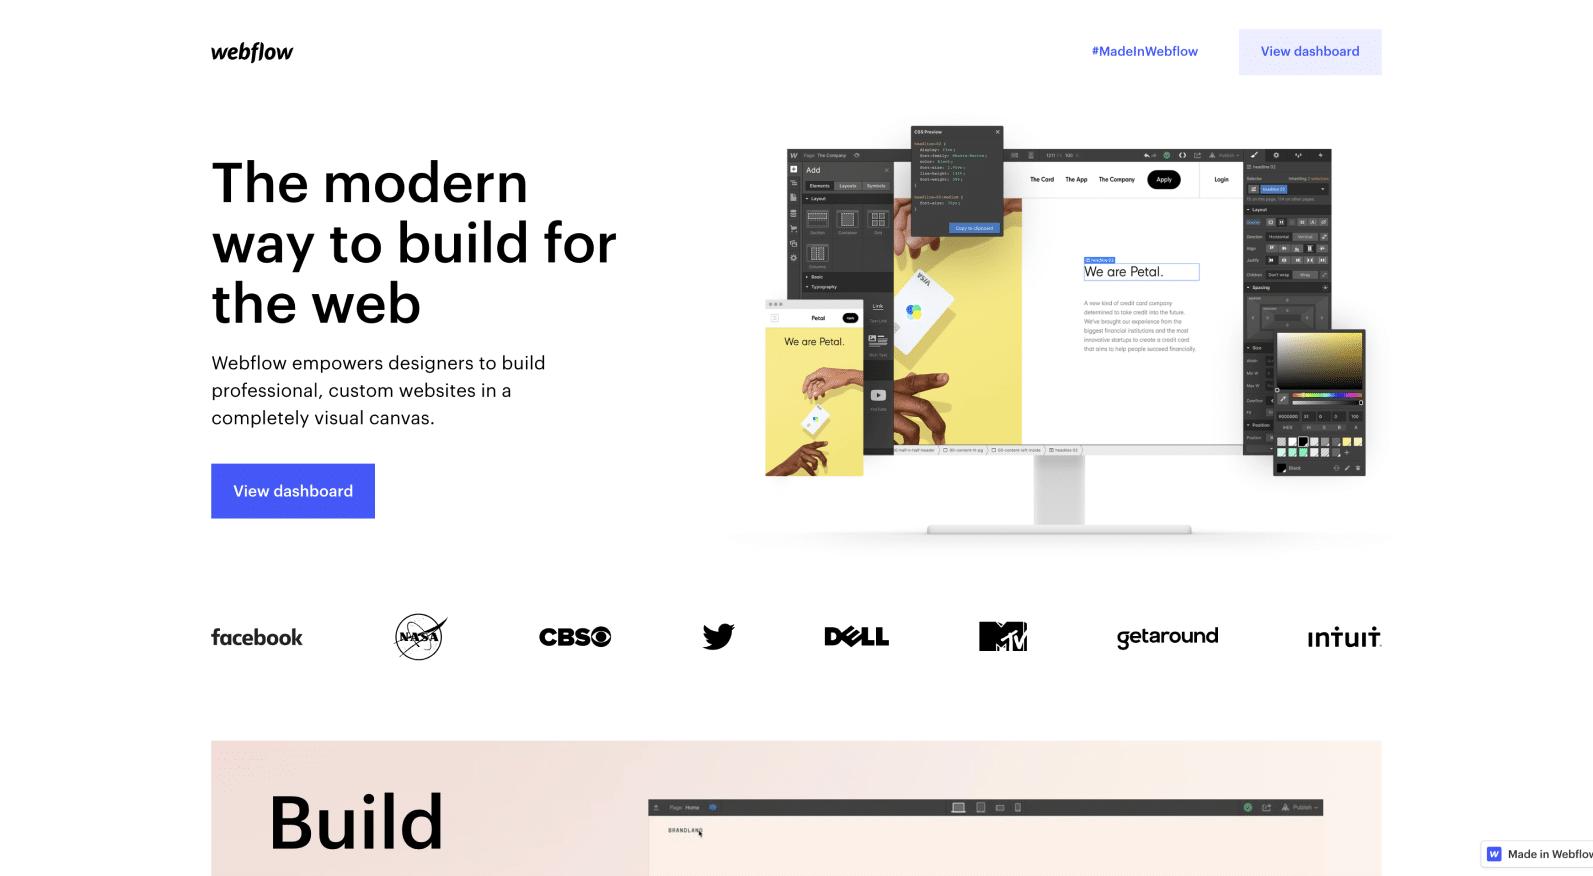 Webflowのランディングページのスクリーンショット